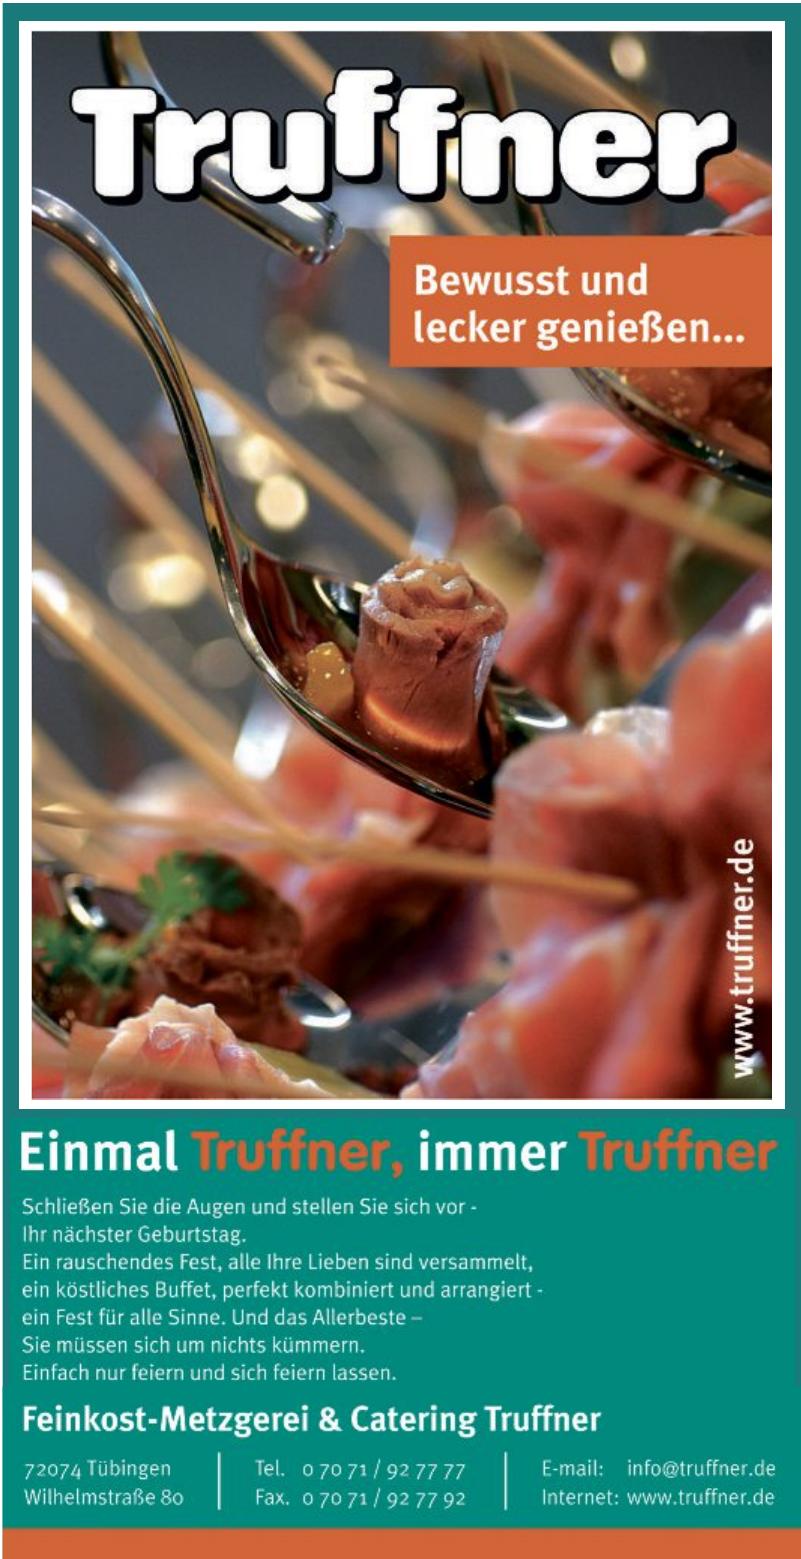 Feinkost-Metzgerei Truffner & Co. KG